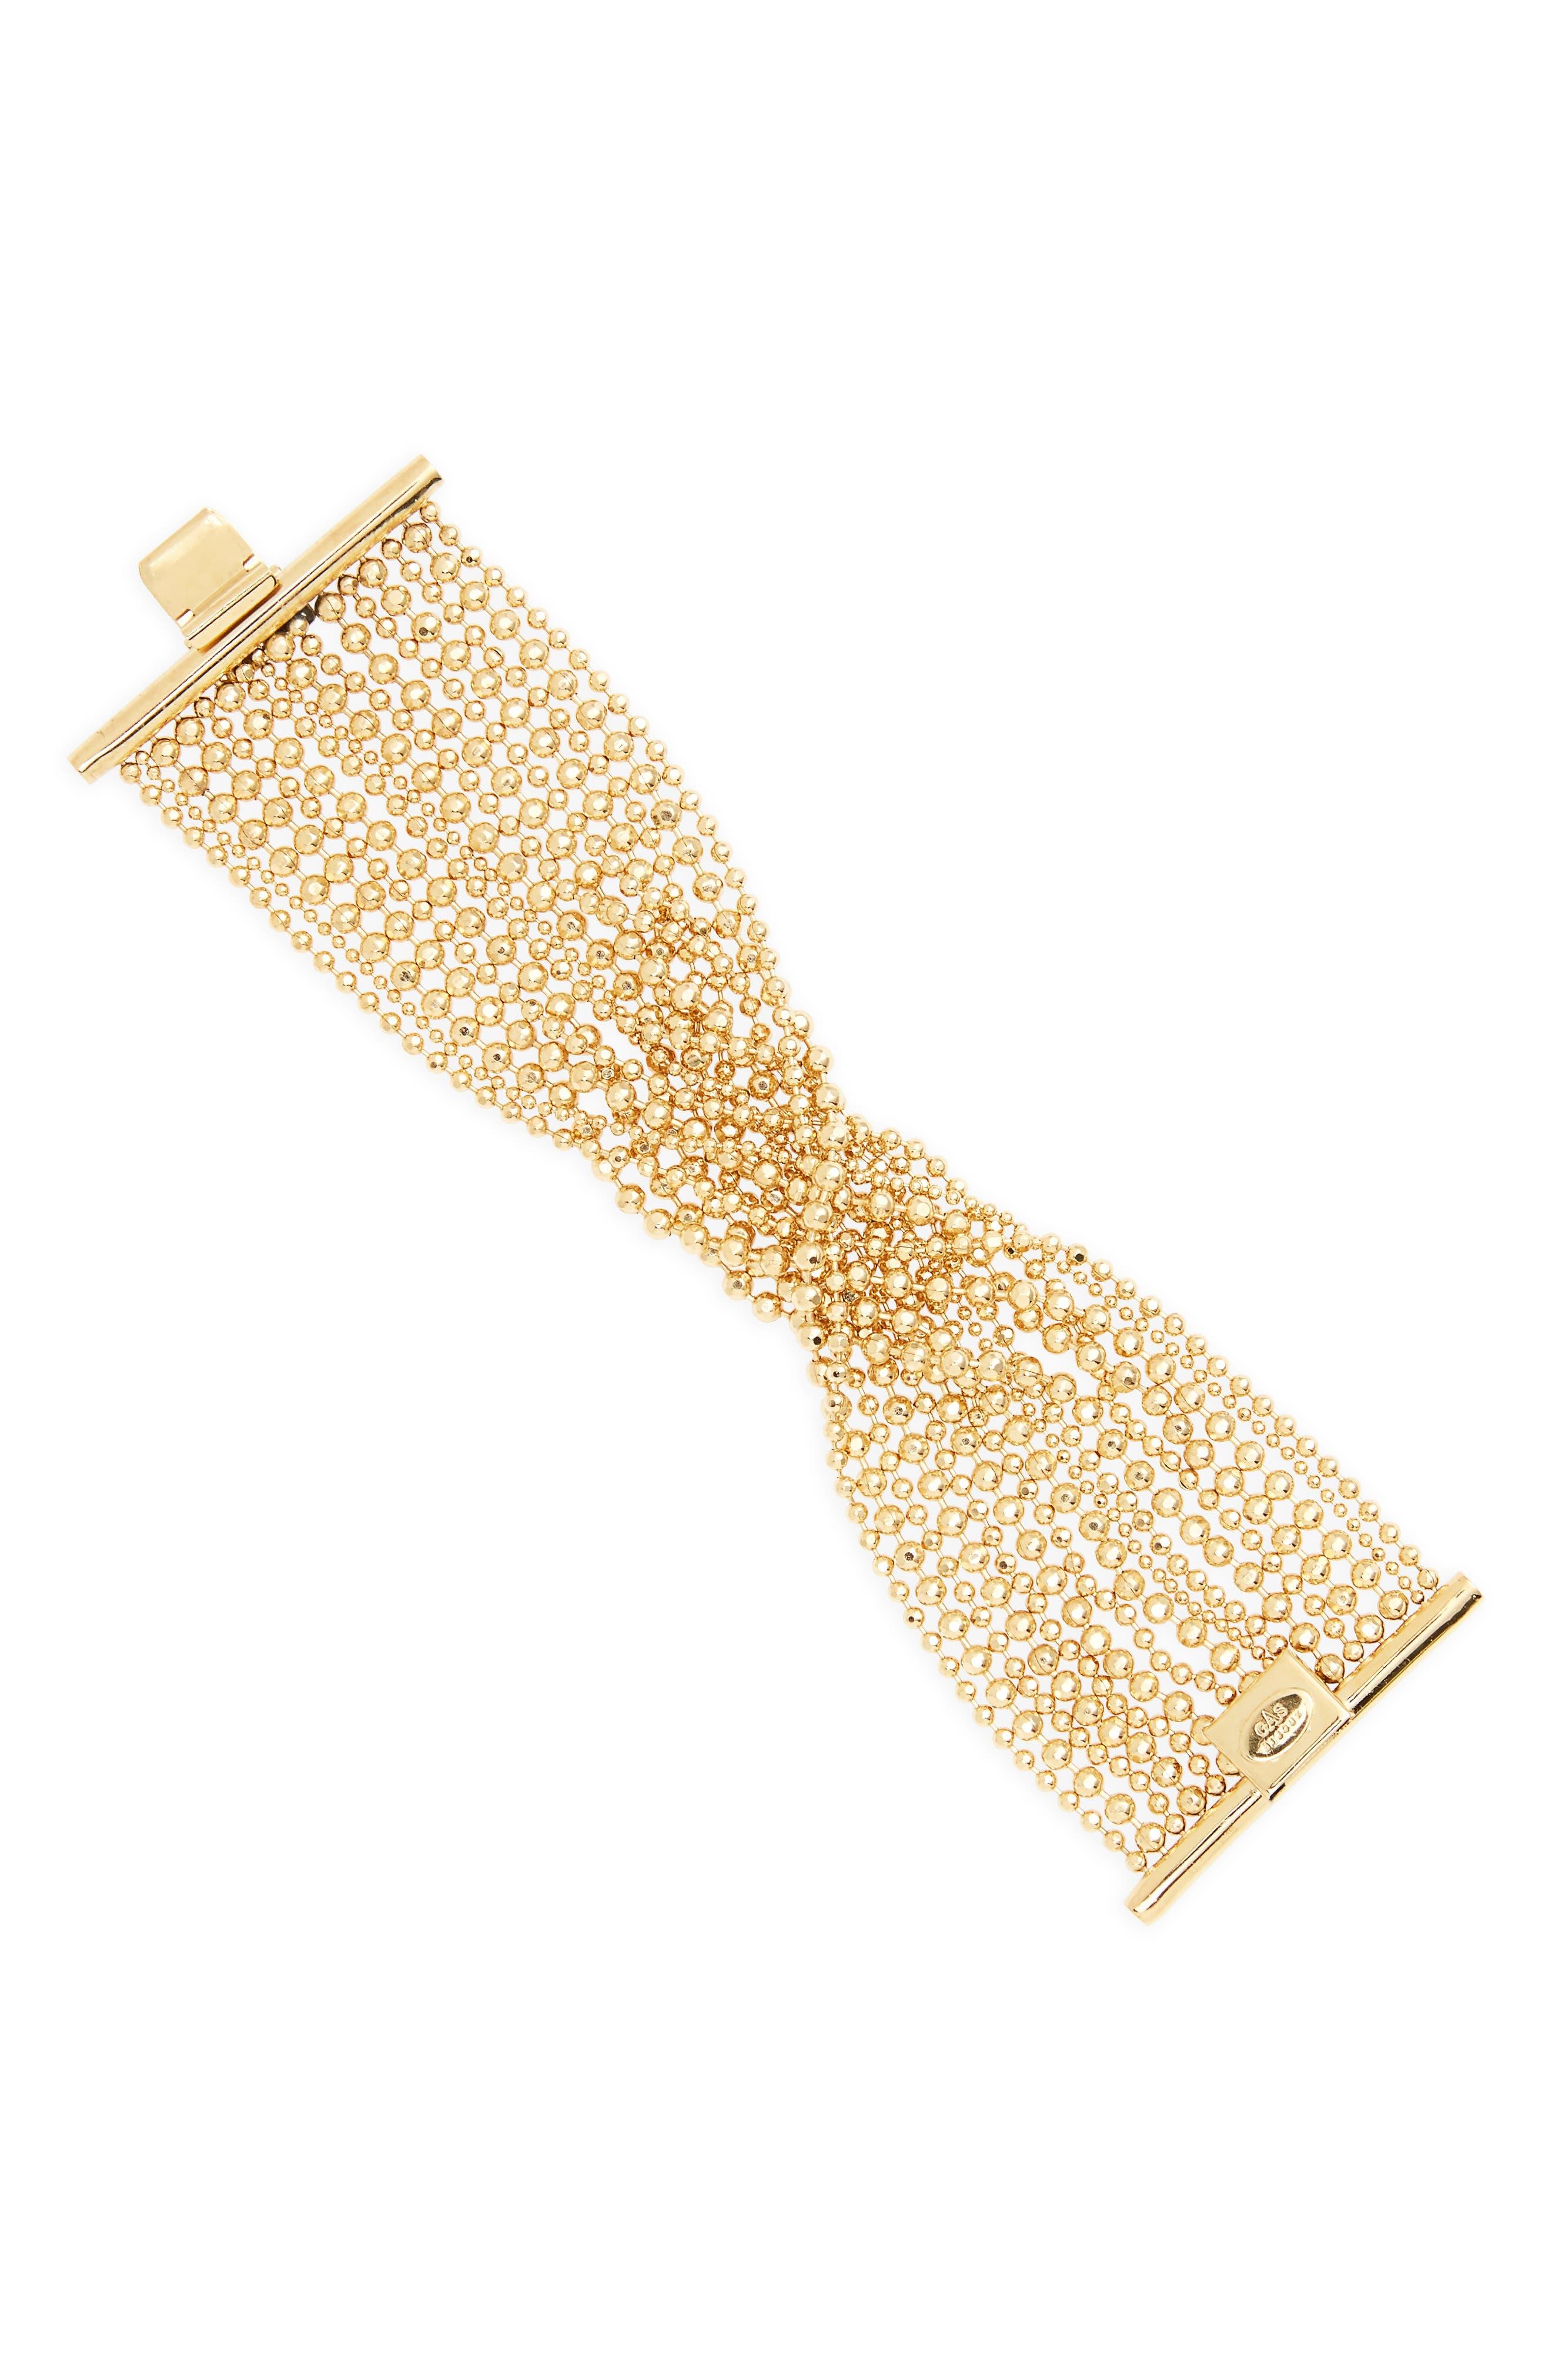 Romeo Multistrand Bracelet,                             Main thumbnail 1, color,                             710